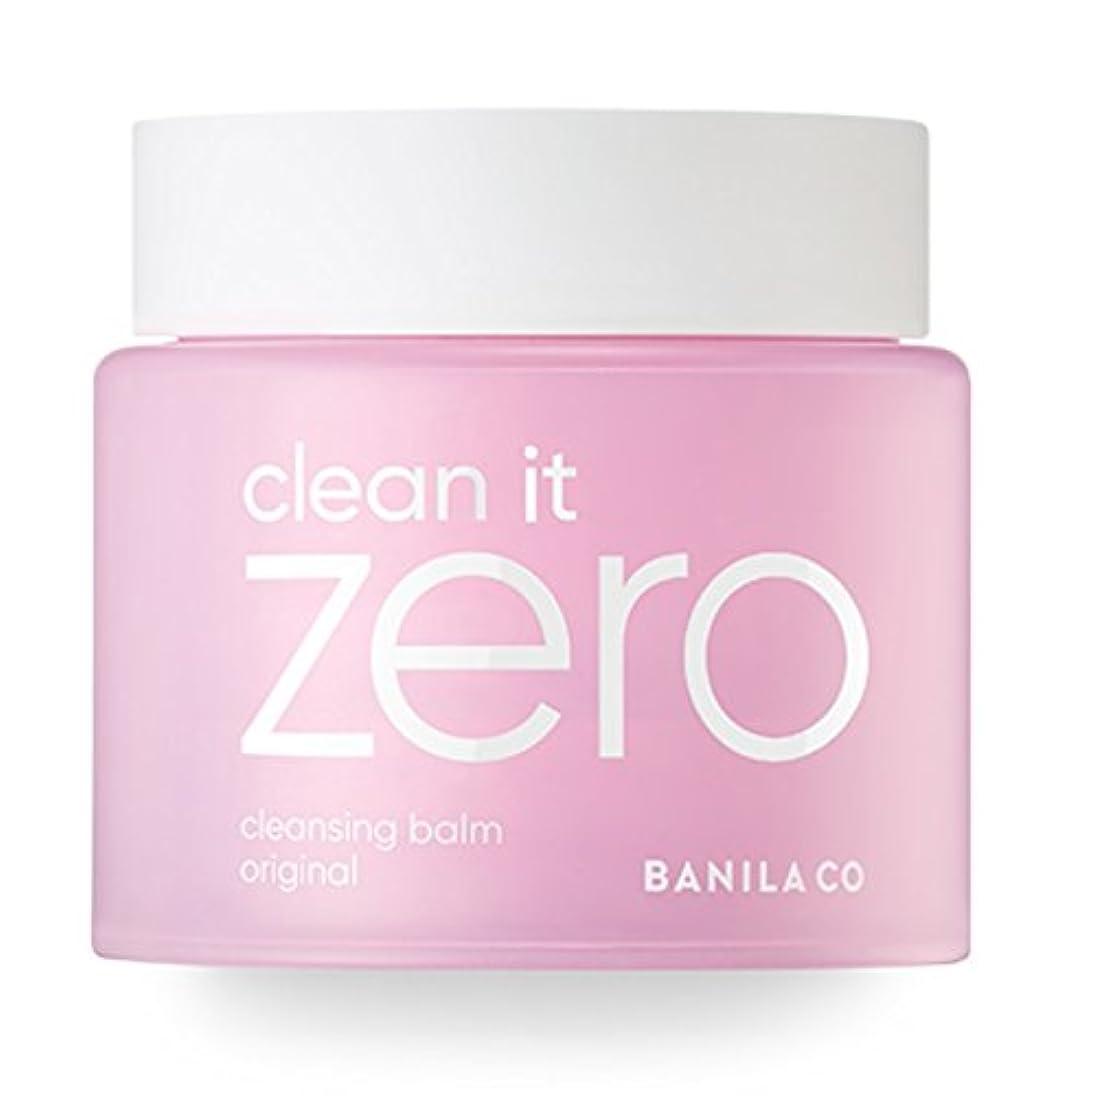 印象的な第九スマイル[banila co.] Clean It Zero 100ml (sherbet cleanser) (Clean It Zero Ultra Size 180ml (Original))